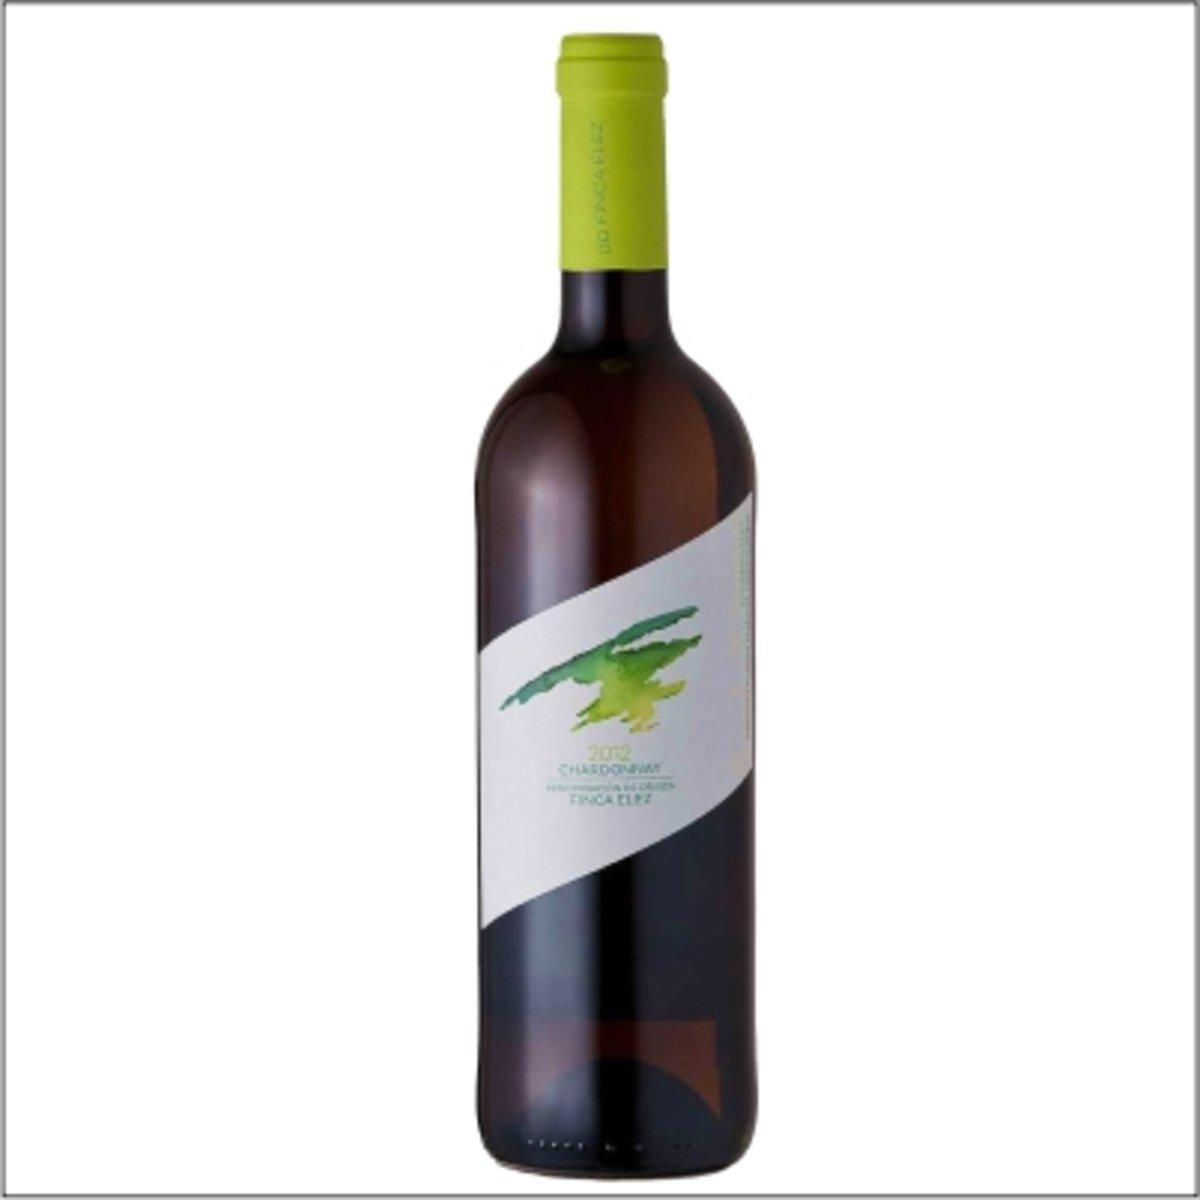 活力莎當妮 乾白葡萄酒 2013